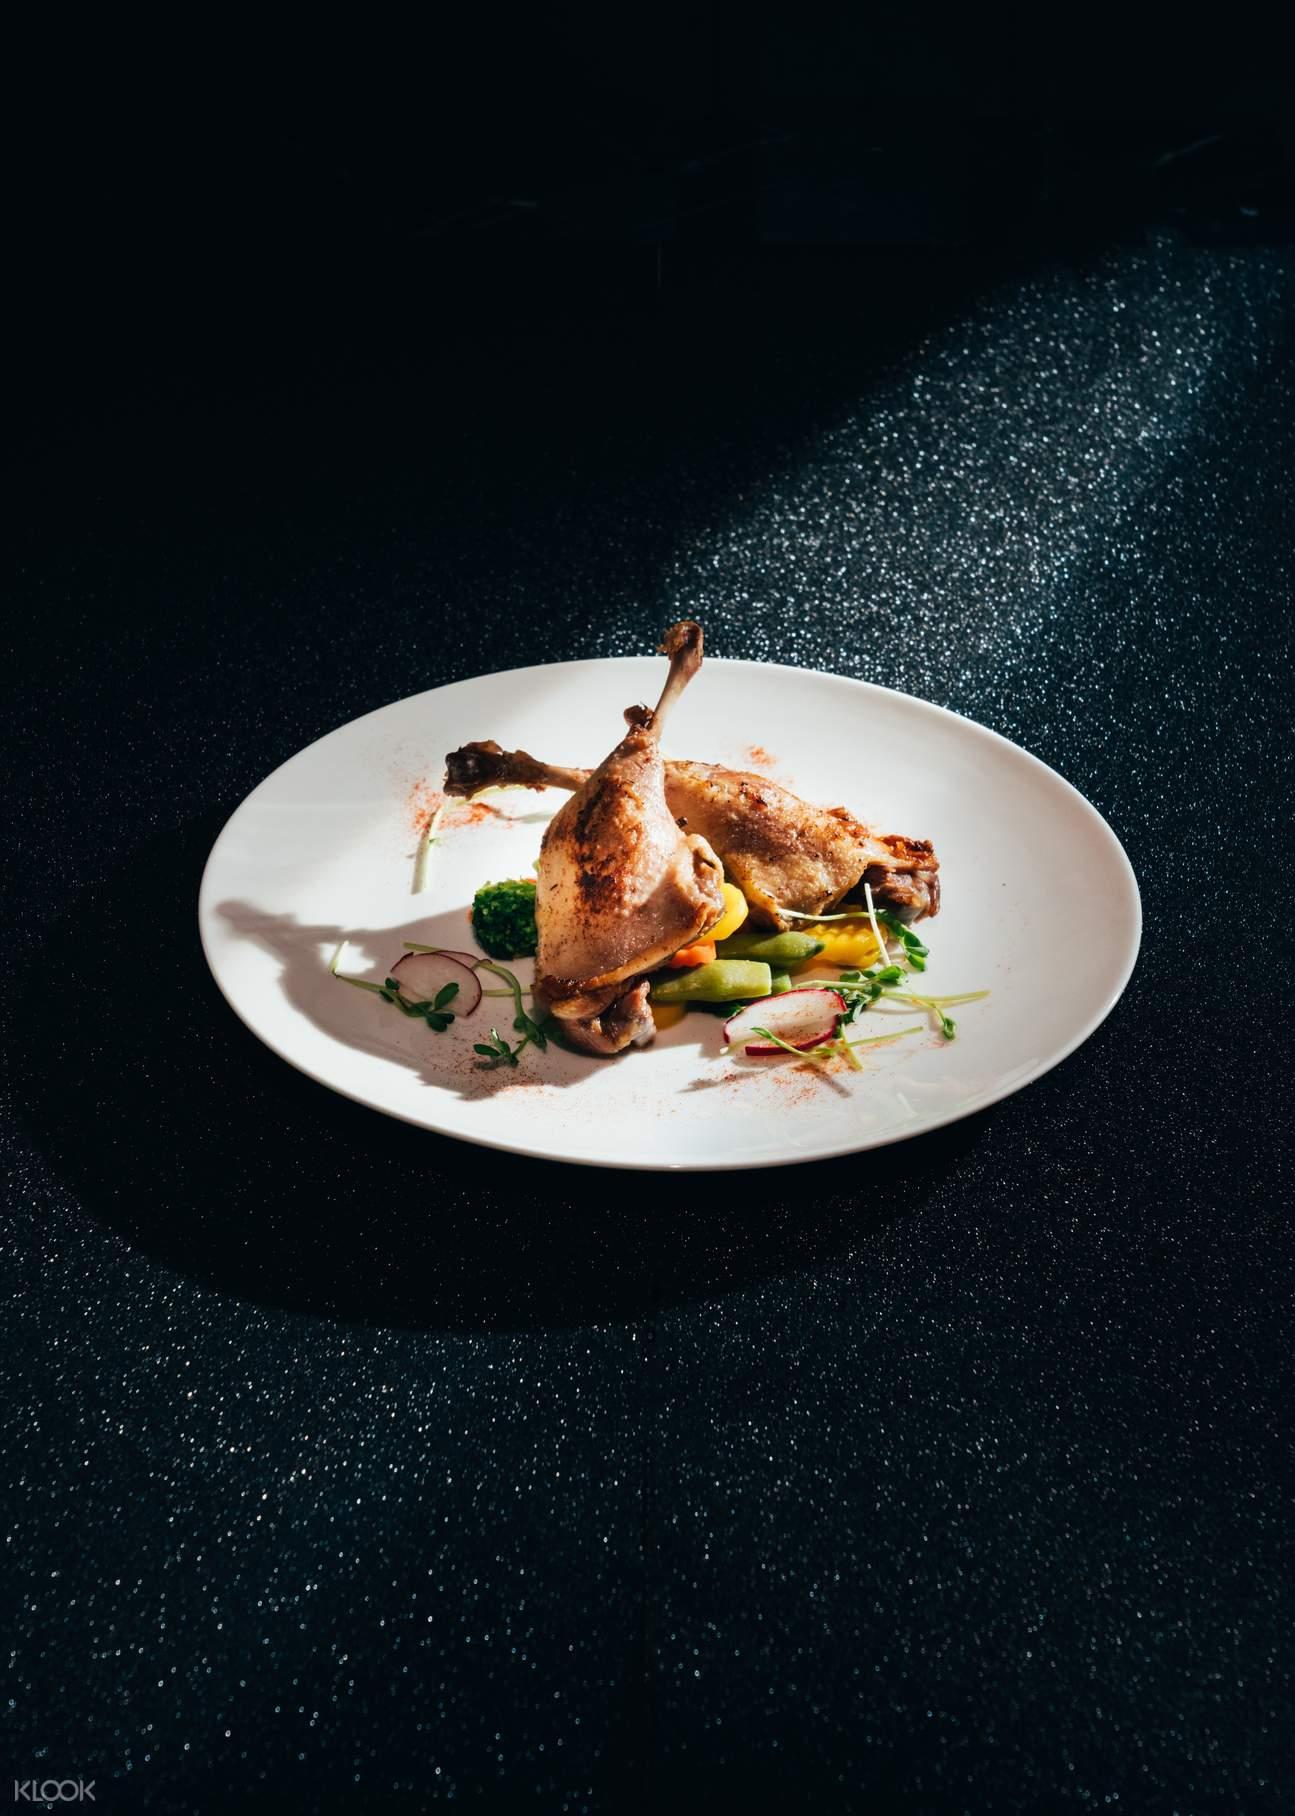 半自助午餐 - 烤紐西蘭羊架配迷迭香燒汁